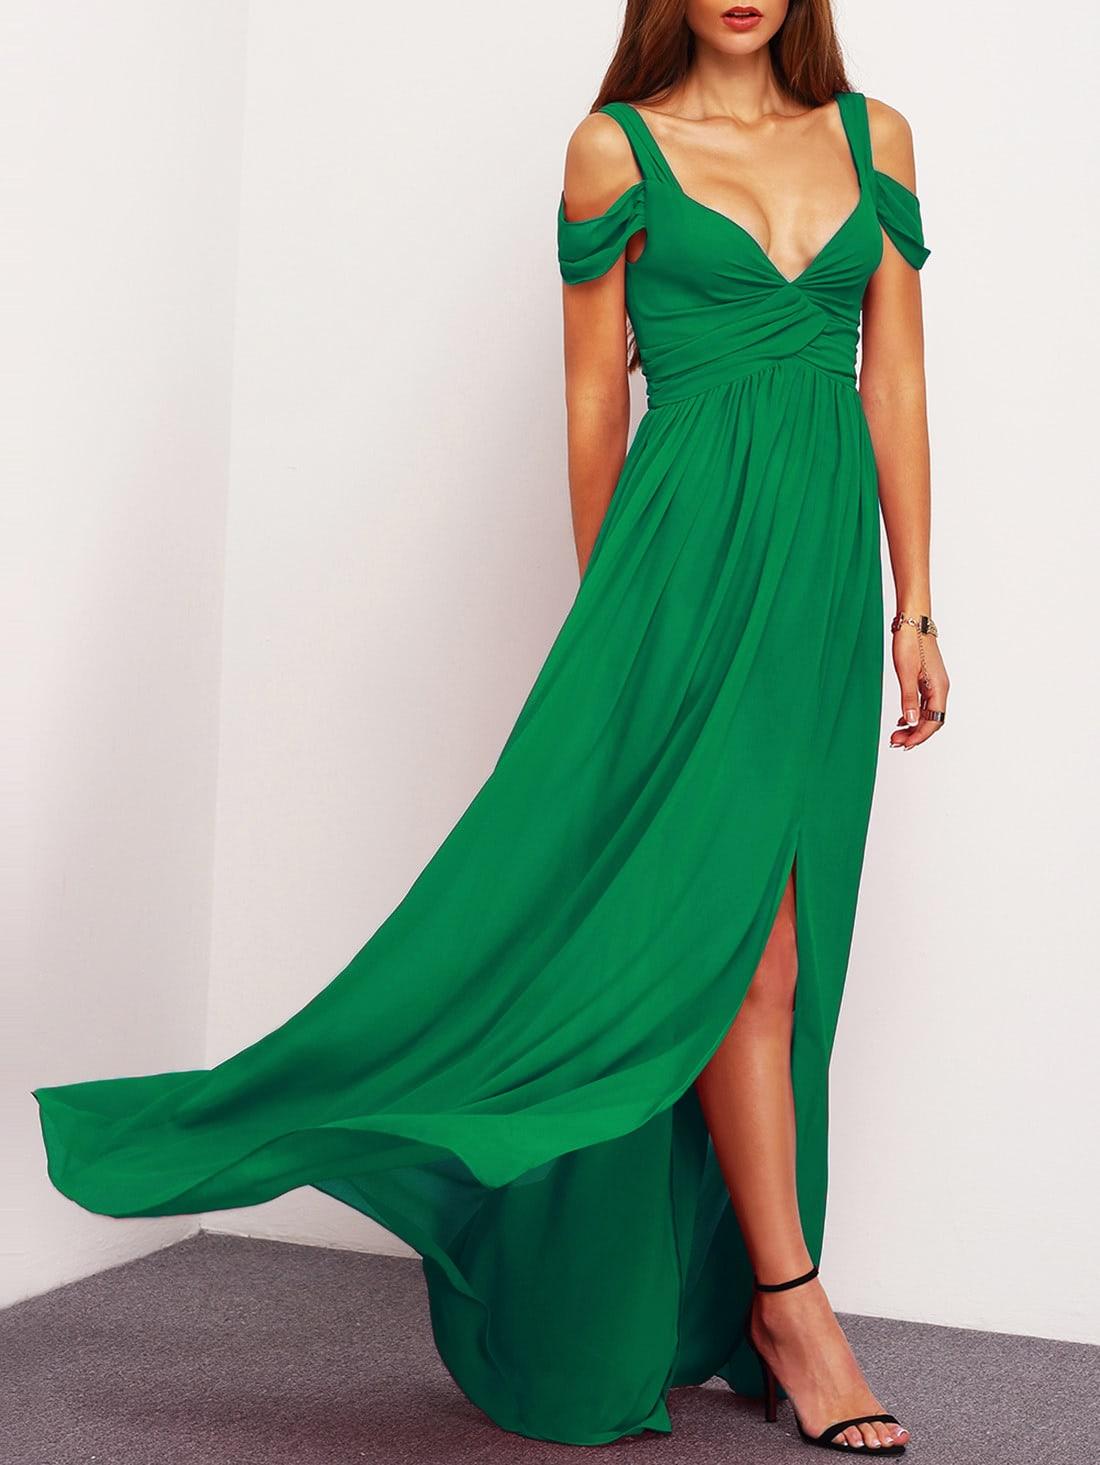 Drape Cold Shoulder Ruched Waist Slit Dress dress170322707